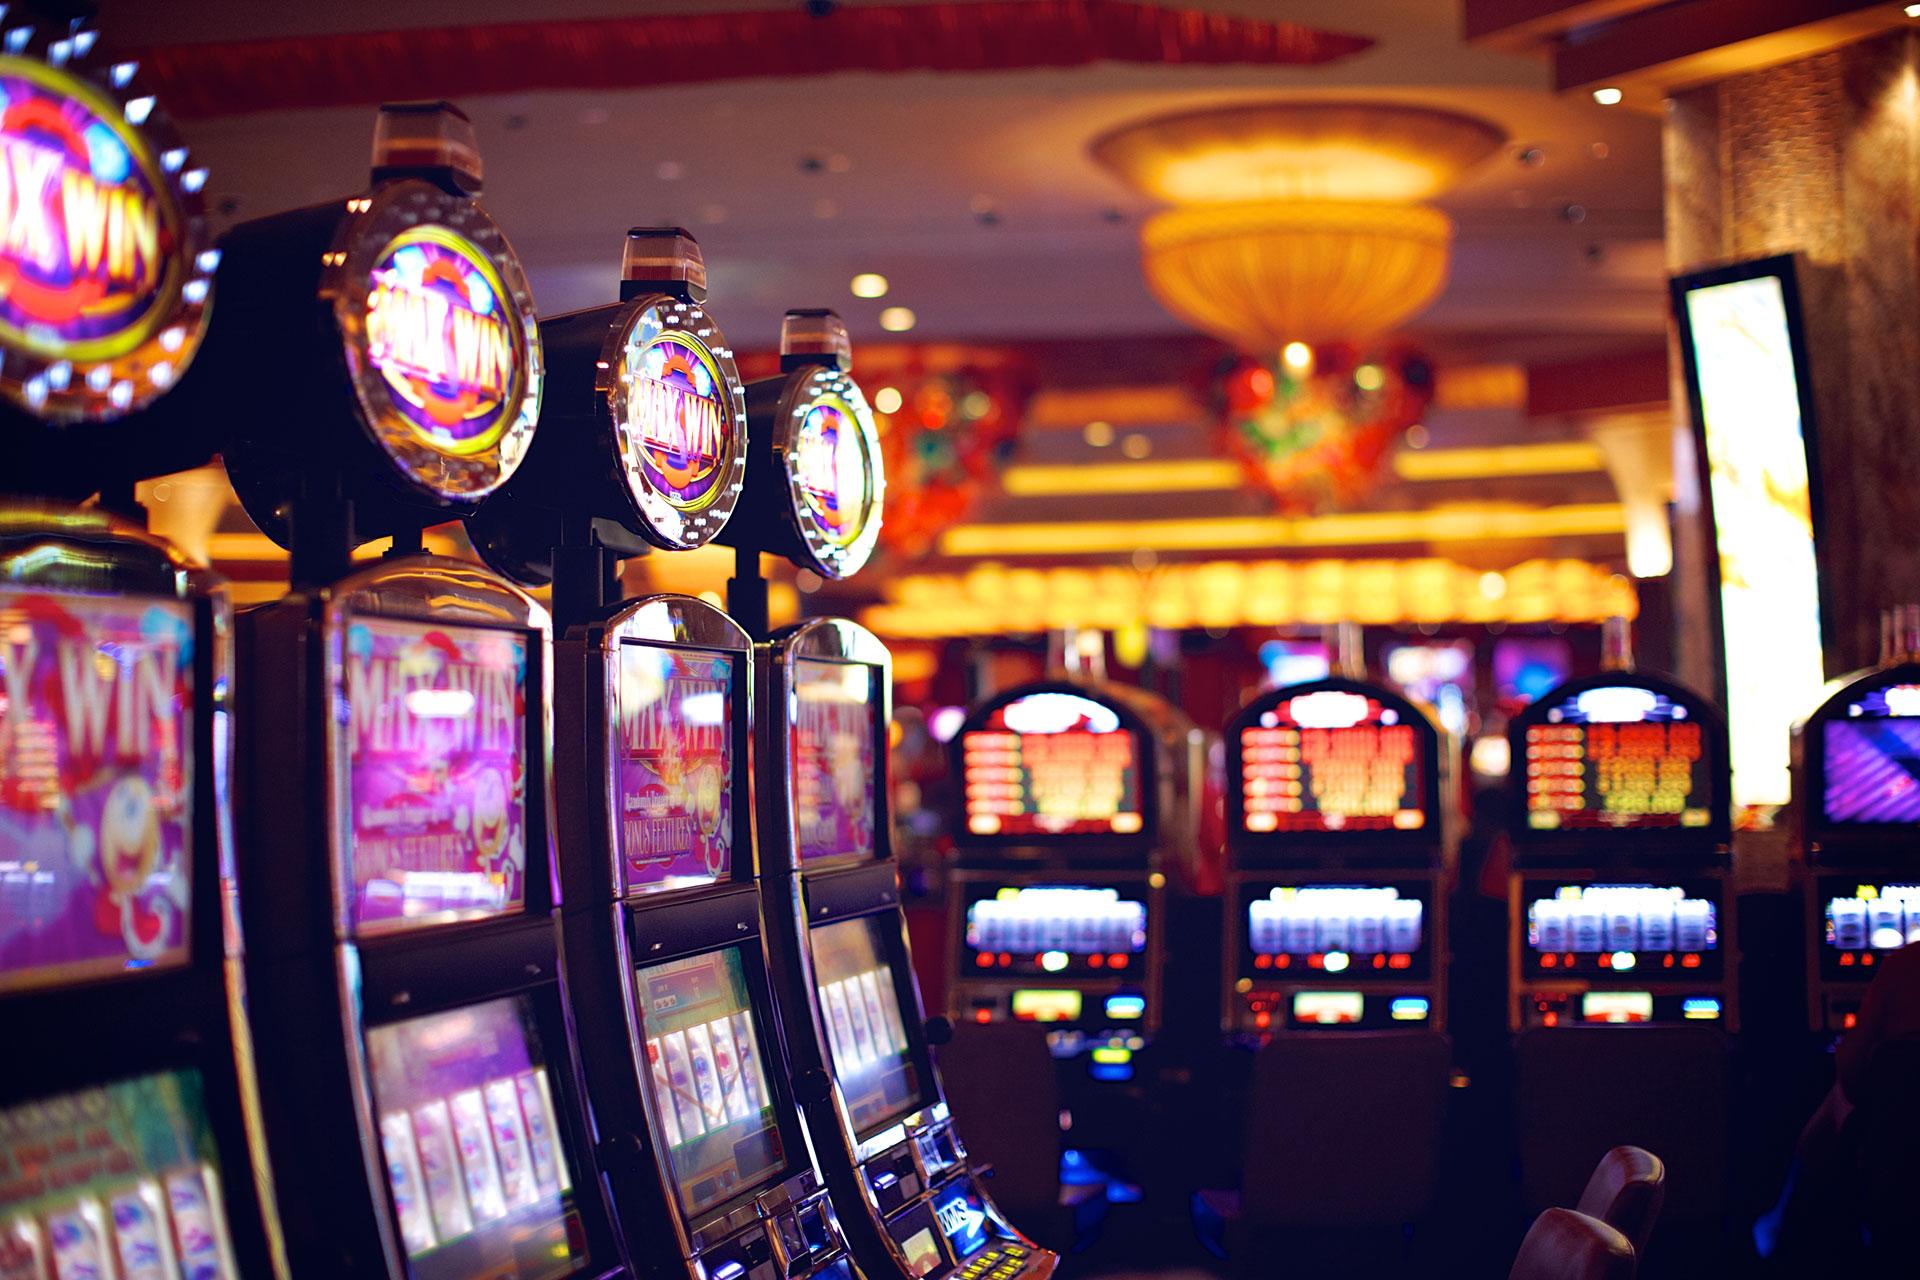 Игровые автоматы золотой телец игровые автоматы без регистрации гаражи